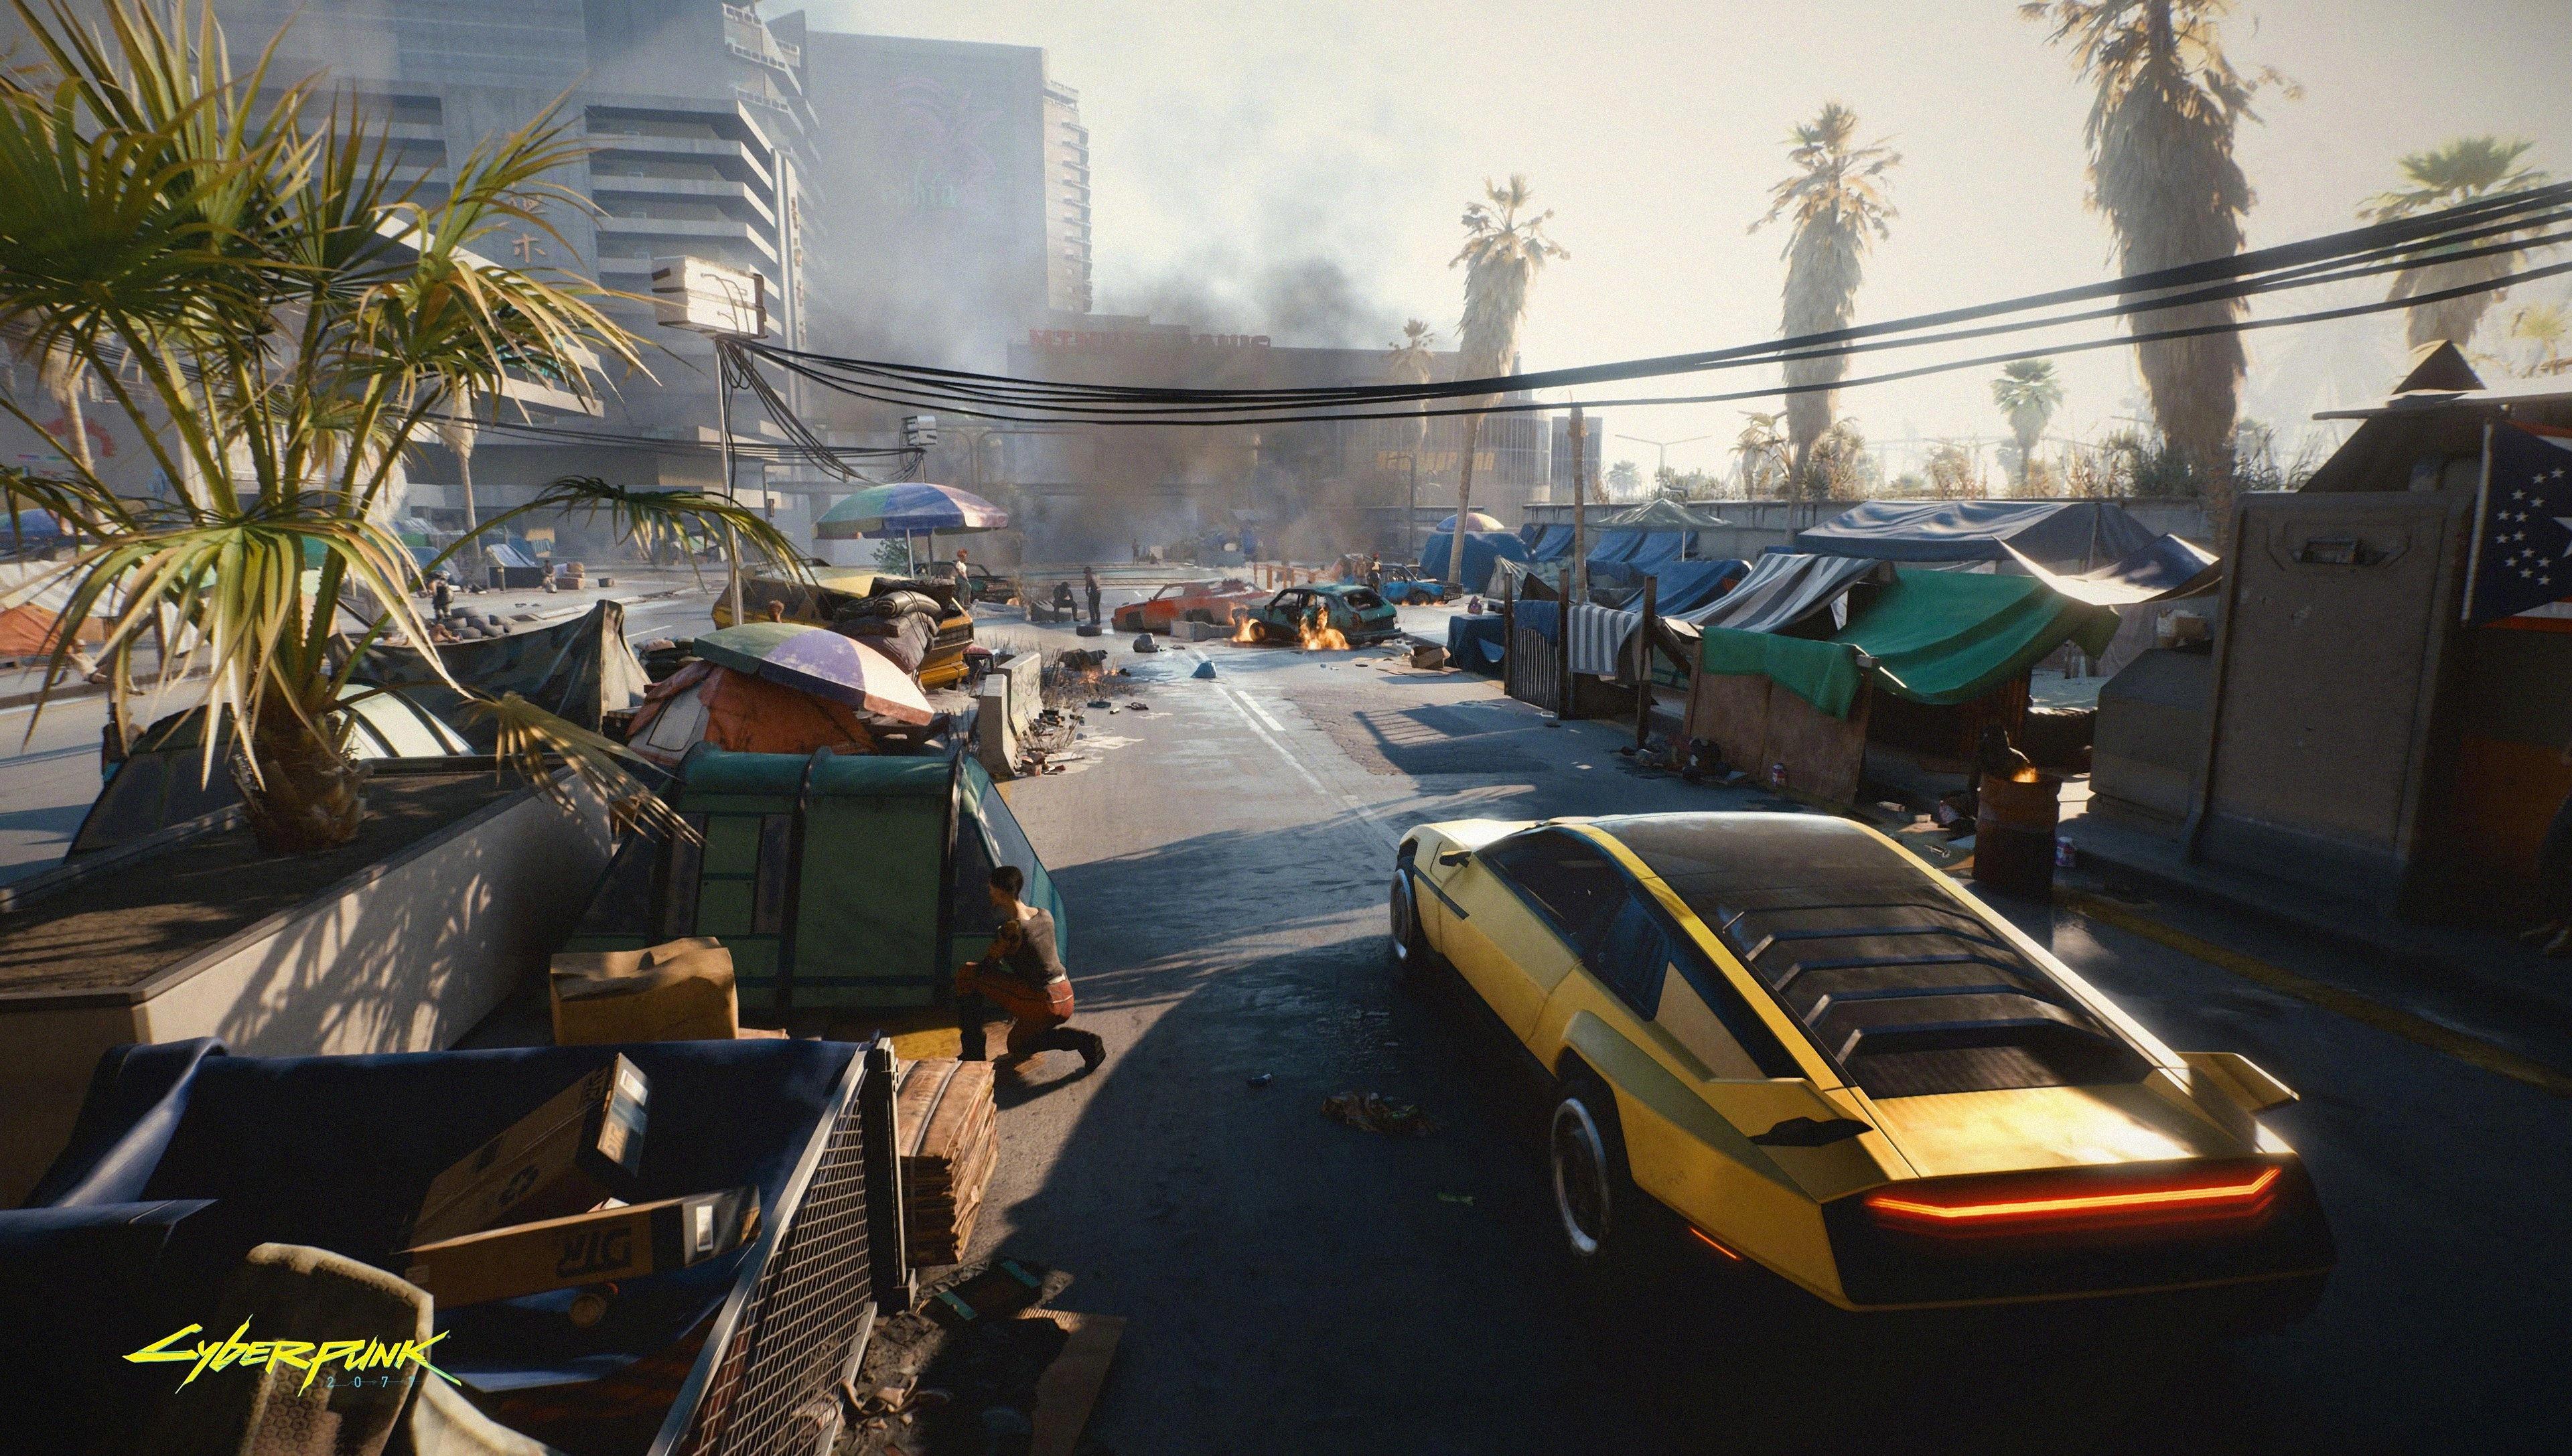 Wallpaper Street from Cyberpunk 2077